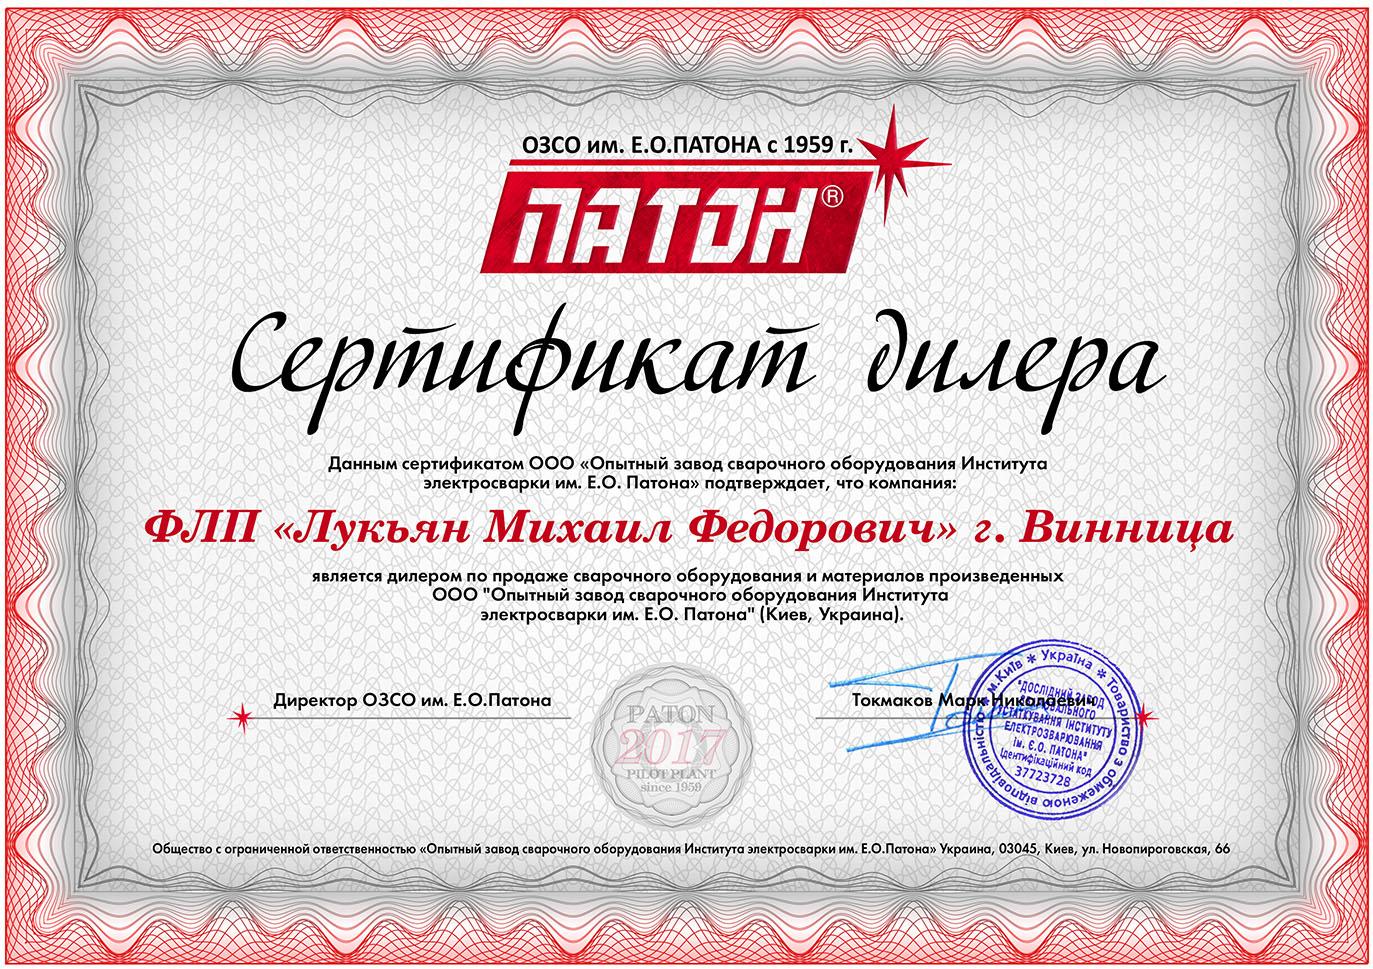 Сертификат дилерства ТД Укрсервис от производителя Патон